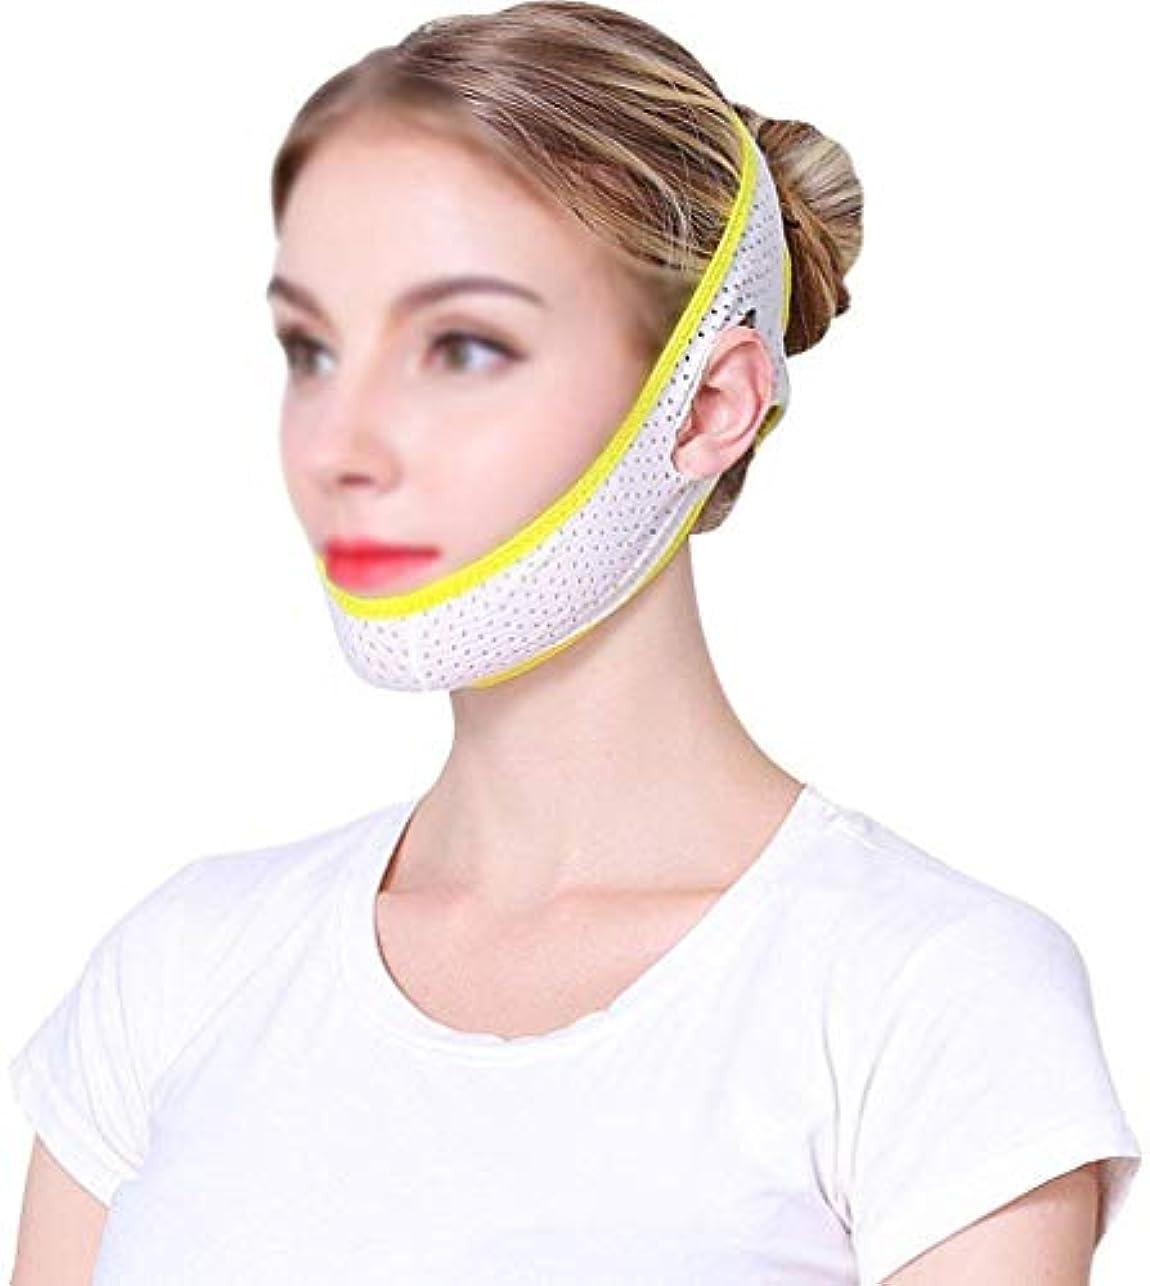 焦がすセーブよく話される美容と実用リフトマスク包帯、整形外科夏の通気性の薄いセクションダブルチンストラップVフェイス薄いフェイスマスク